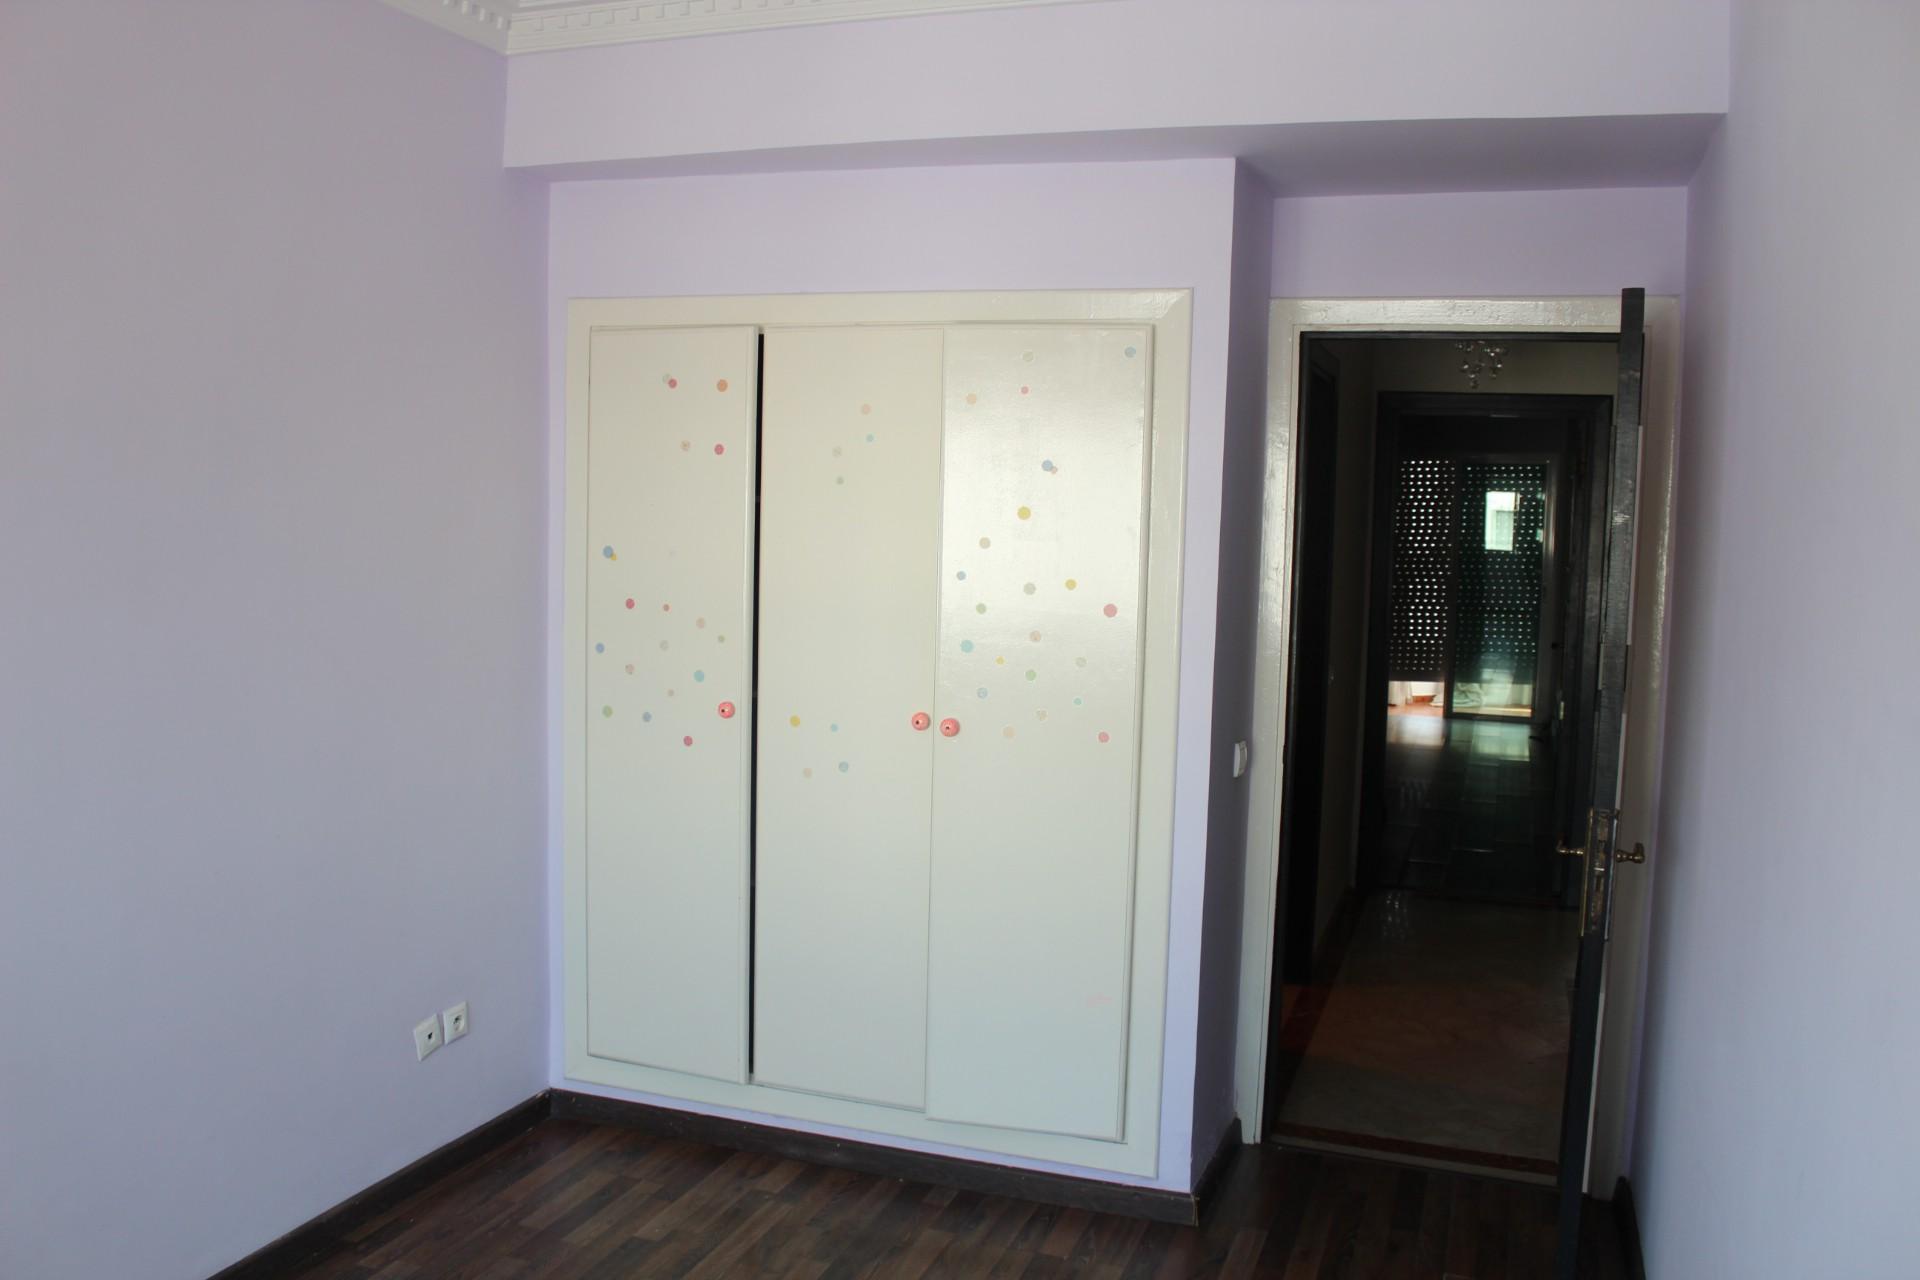 Terrain 2000 m² R+6 proche Kitea et futur Holiday Inn